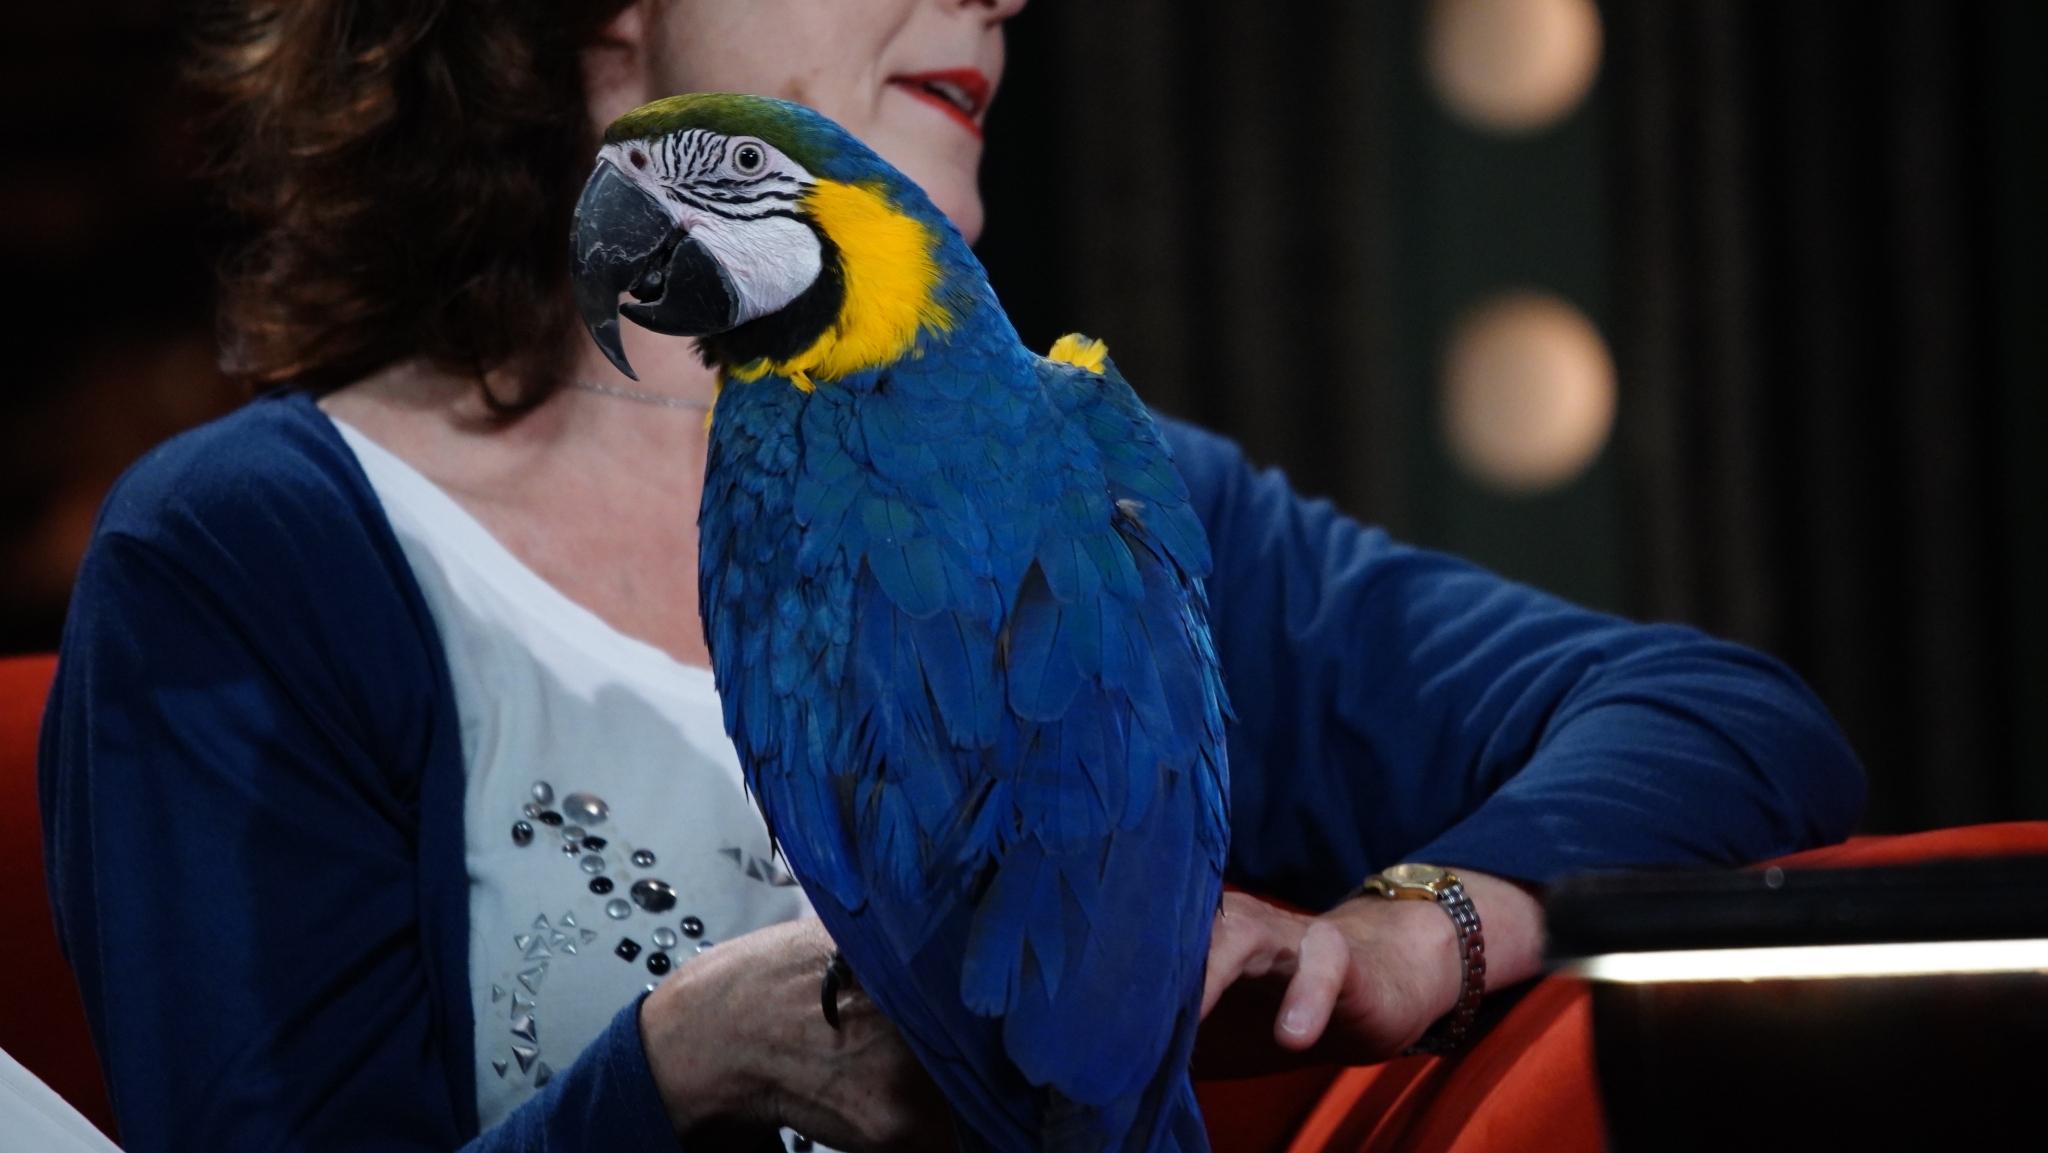 Chovatelka papoušků Magdalena Žohová s arou araraunym Buckym v SJK 14. 10. 2020